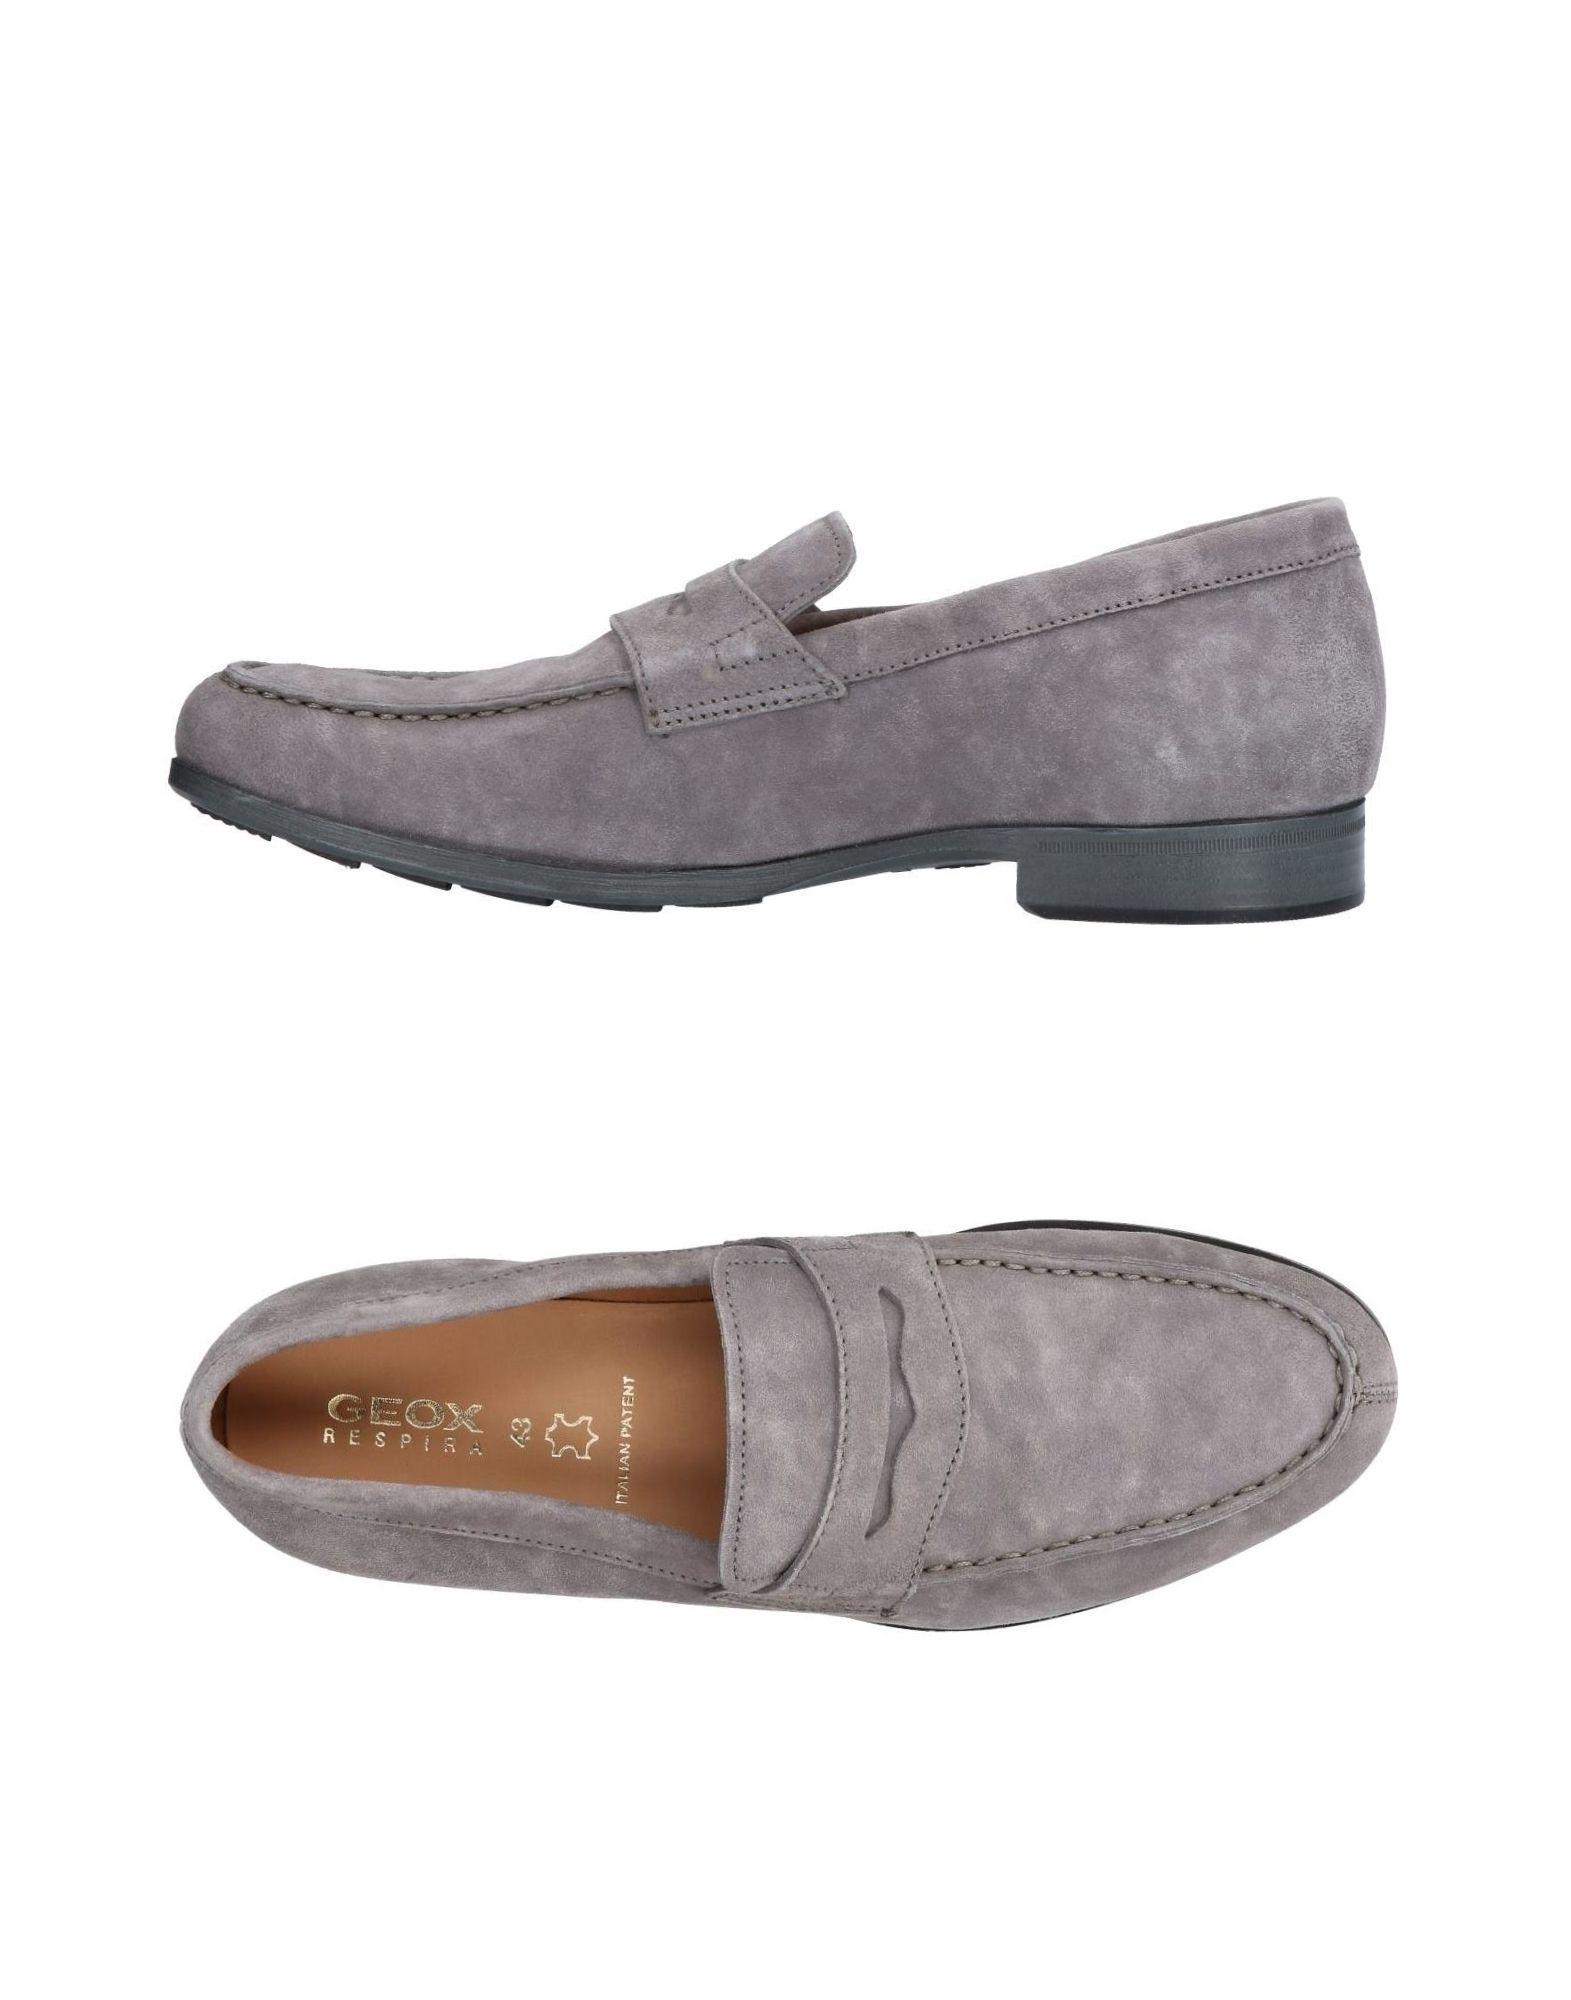 Heiße Geox Mokassins Herren  11414022XO Heiße  Schuhe e9e5a6